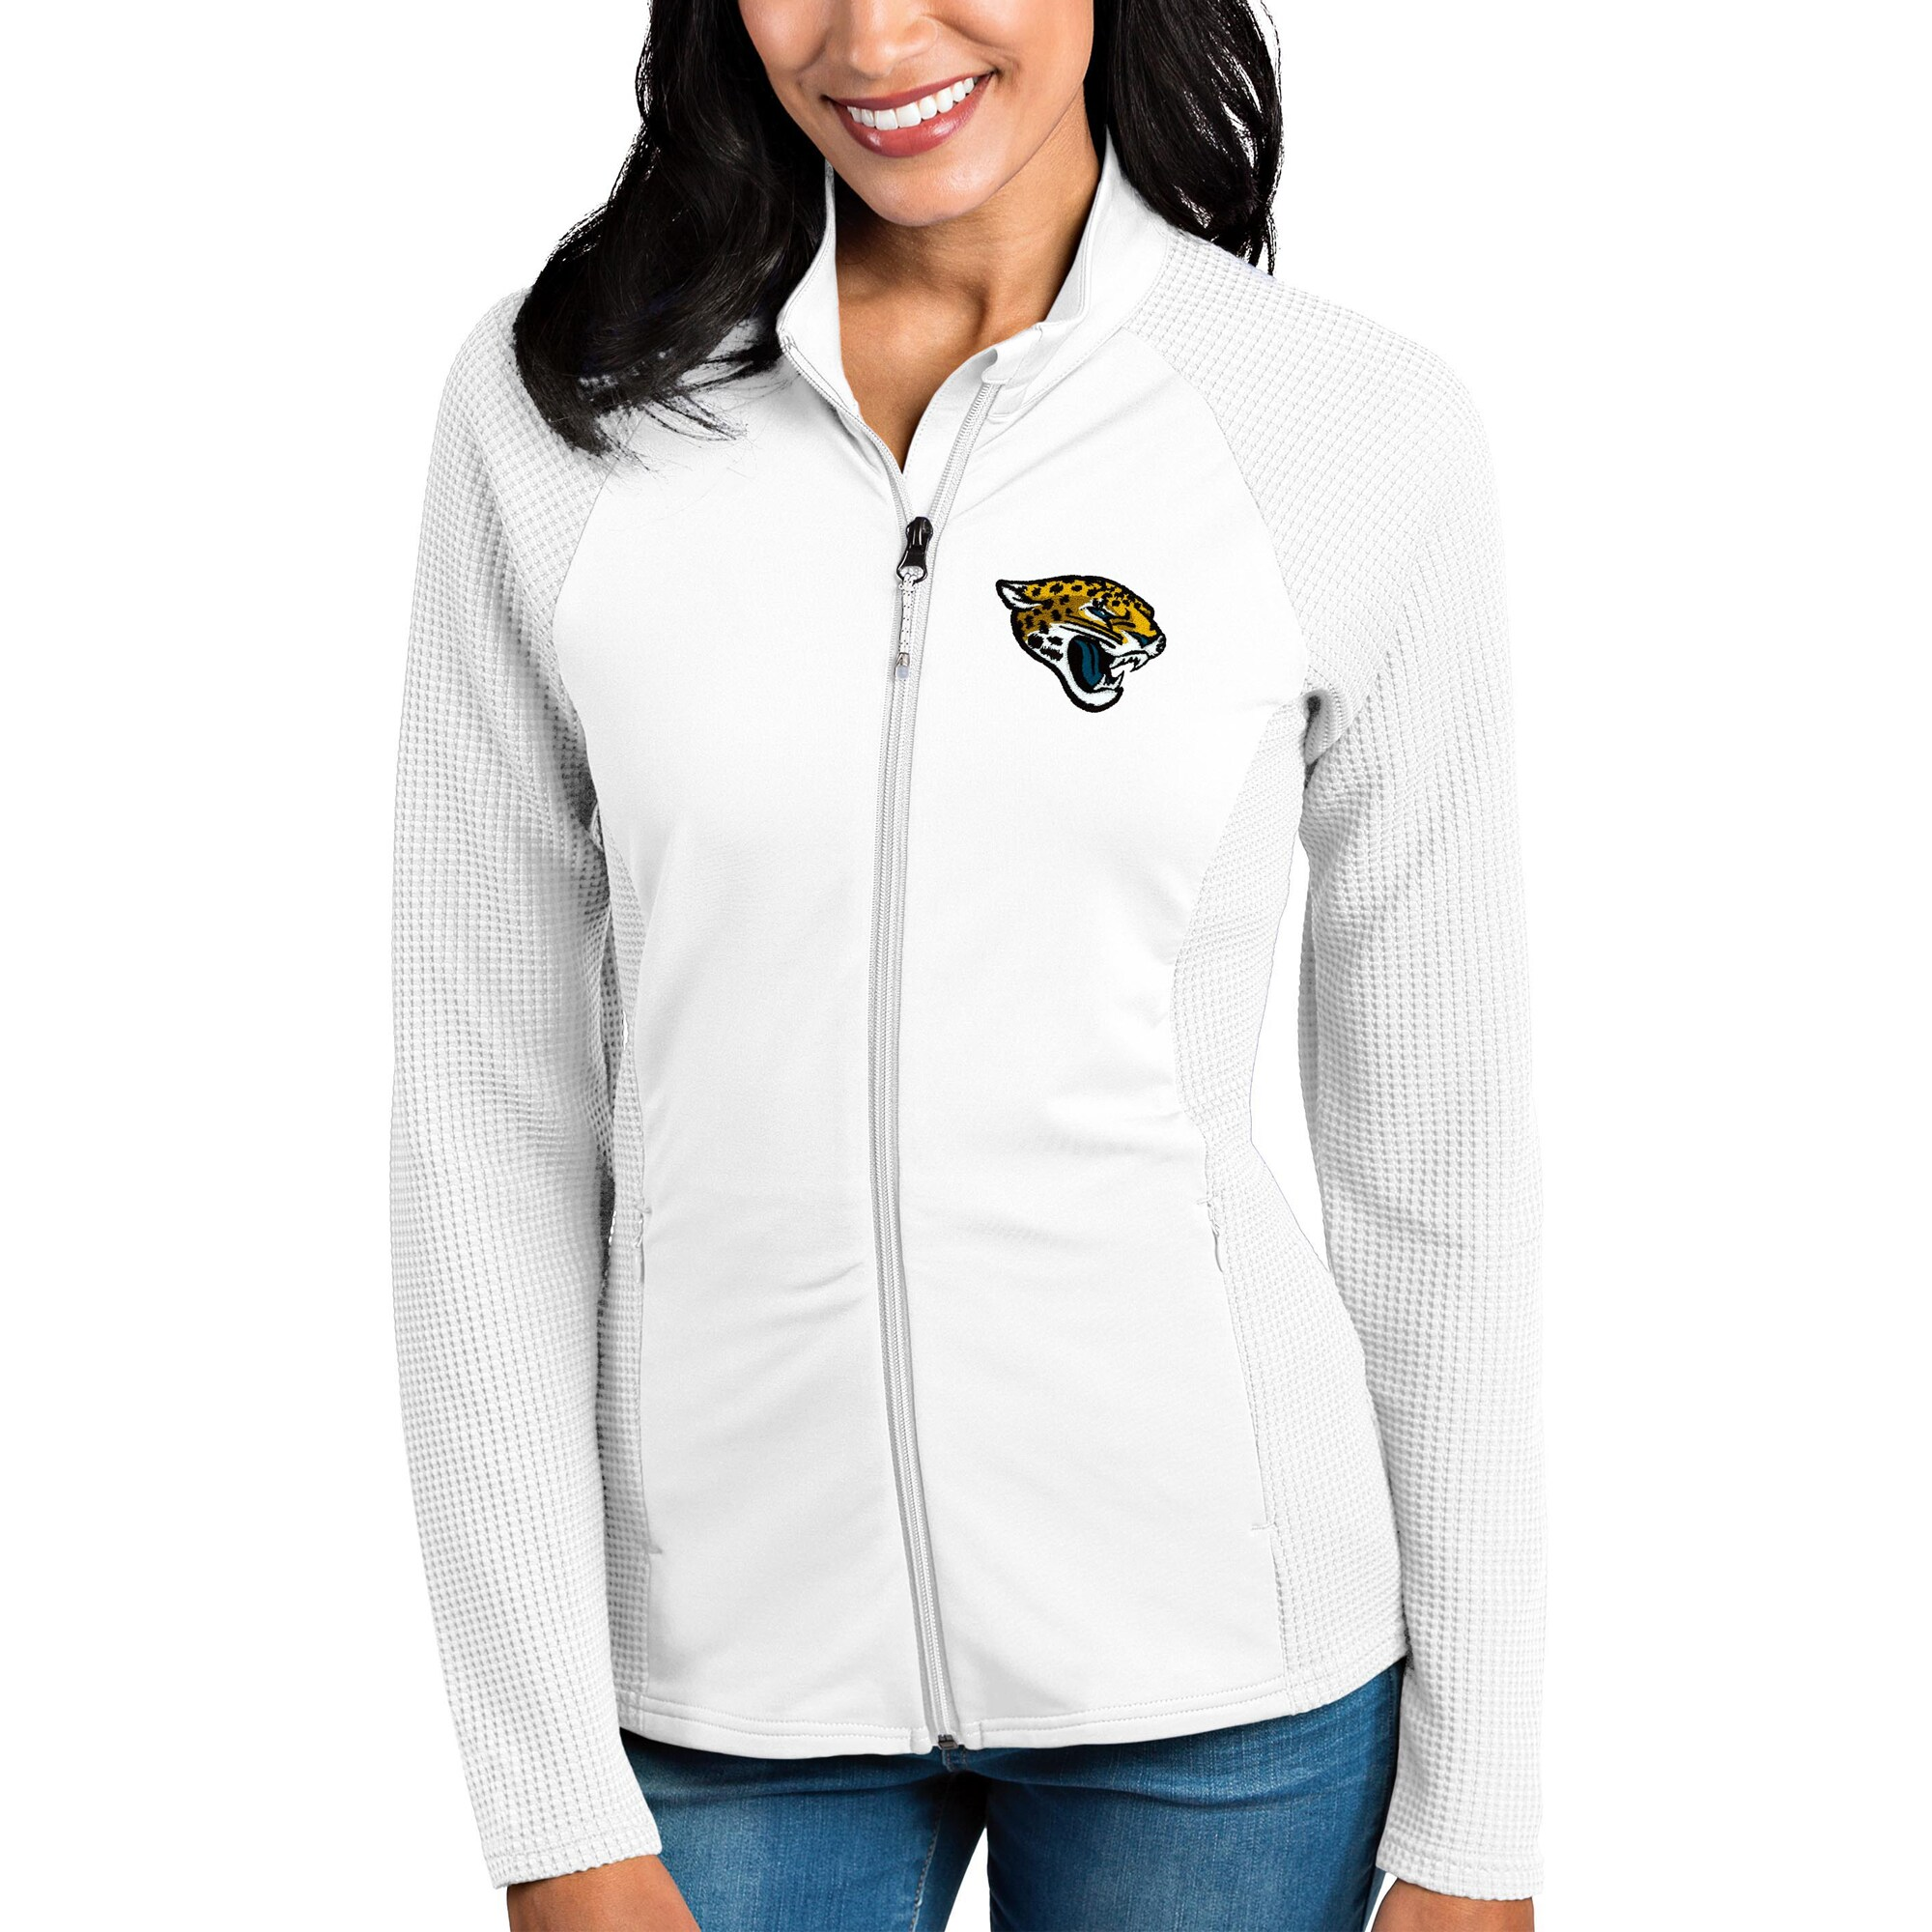 Jacksonville Jaguars Antigua Women's Sonar Full-Zip Jacket - White